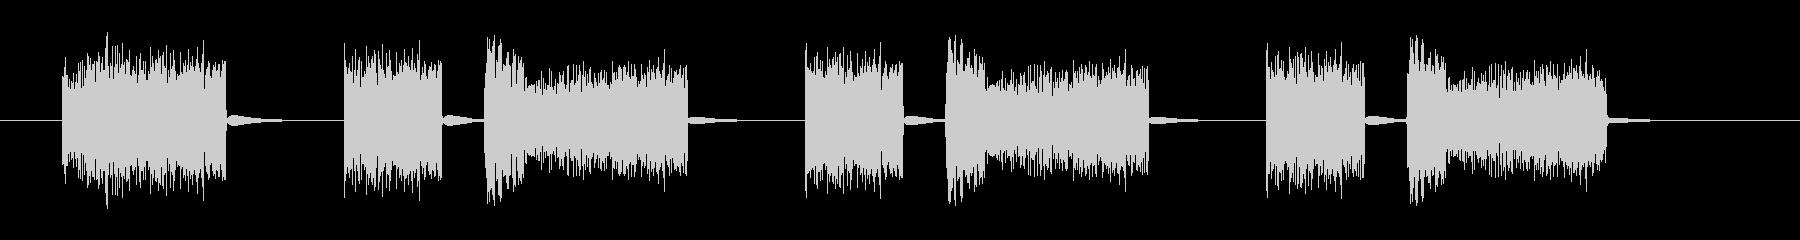 スパッタリングノイズスワイプ4の未再生の波形